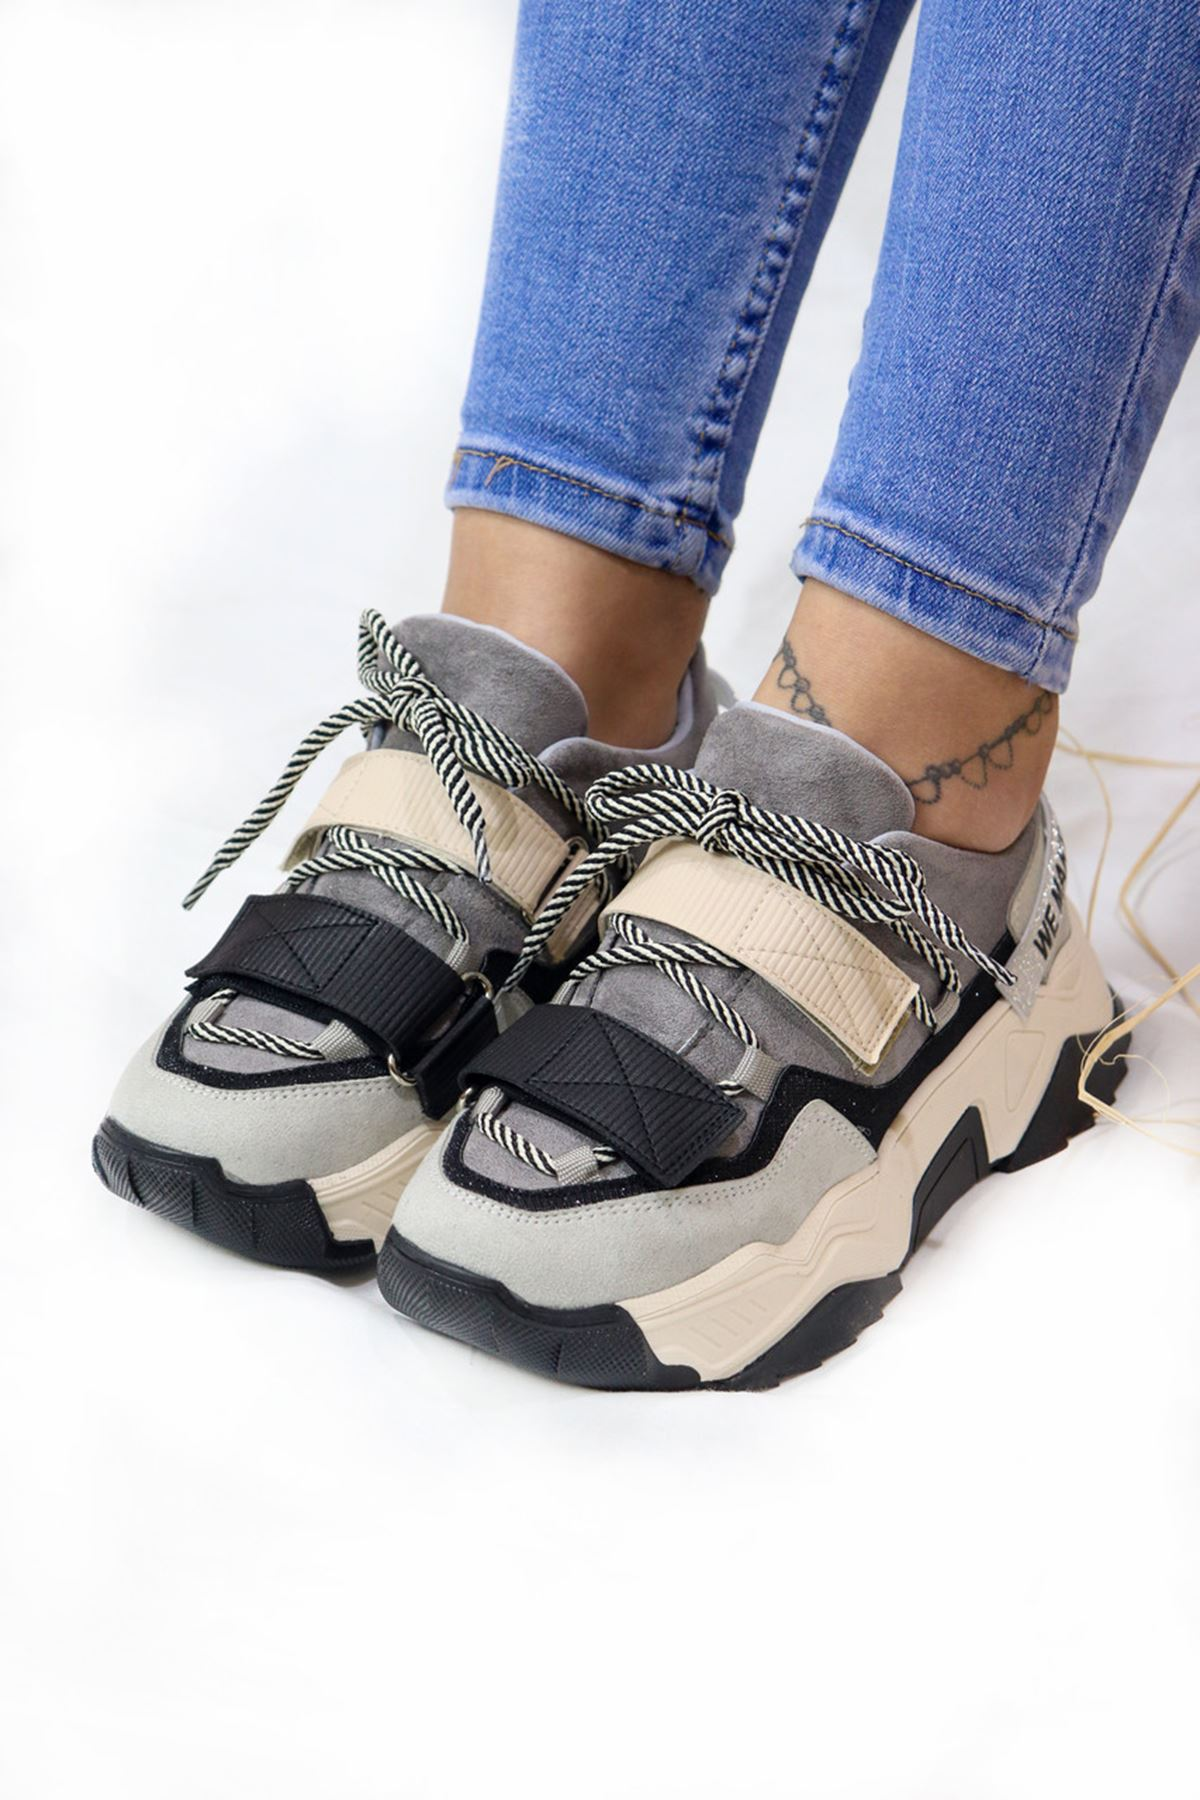 Trendayakkabı - Siyah Gri Detaylı Kadın Spor Ayakkabı